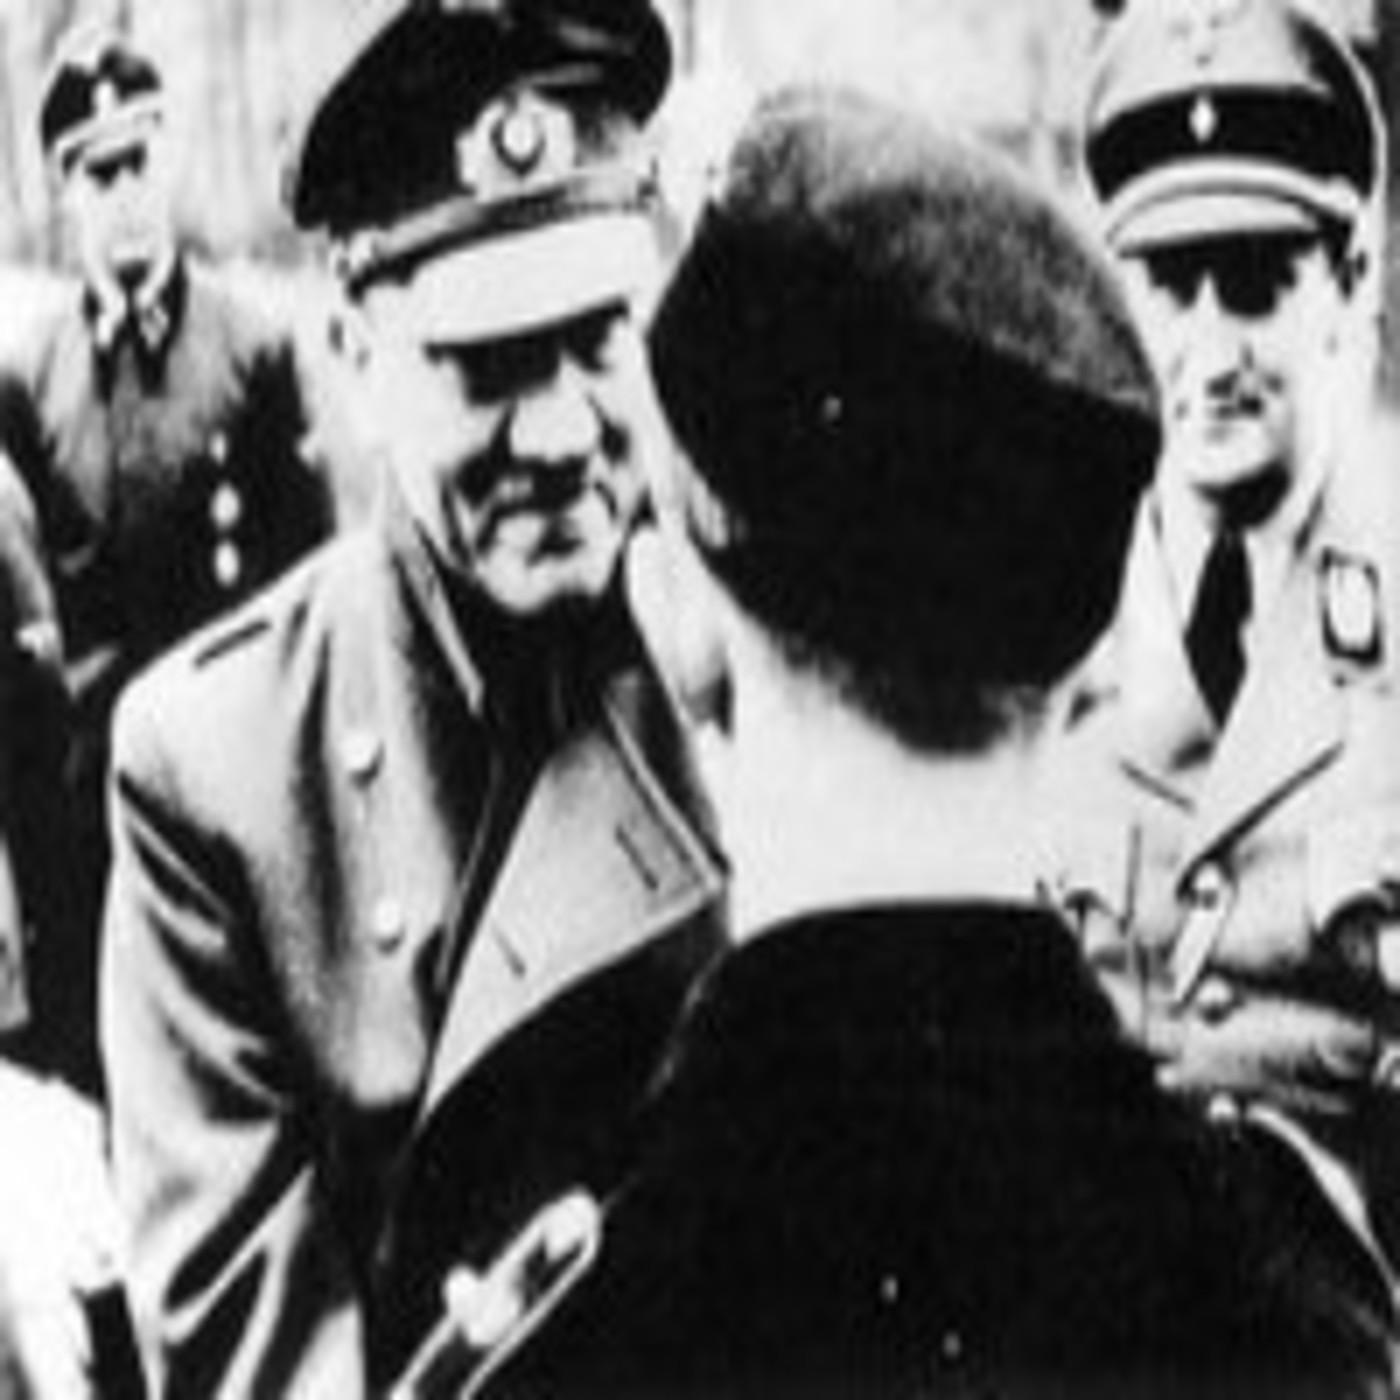 El suicidio de Hitler: verdad histórica y dudas razonables (Fernando Navarro)